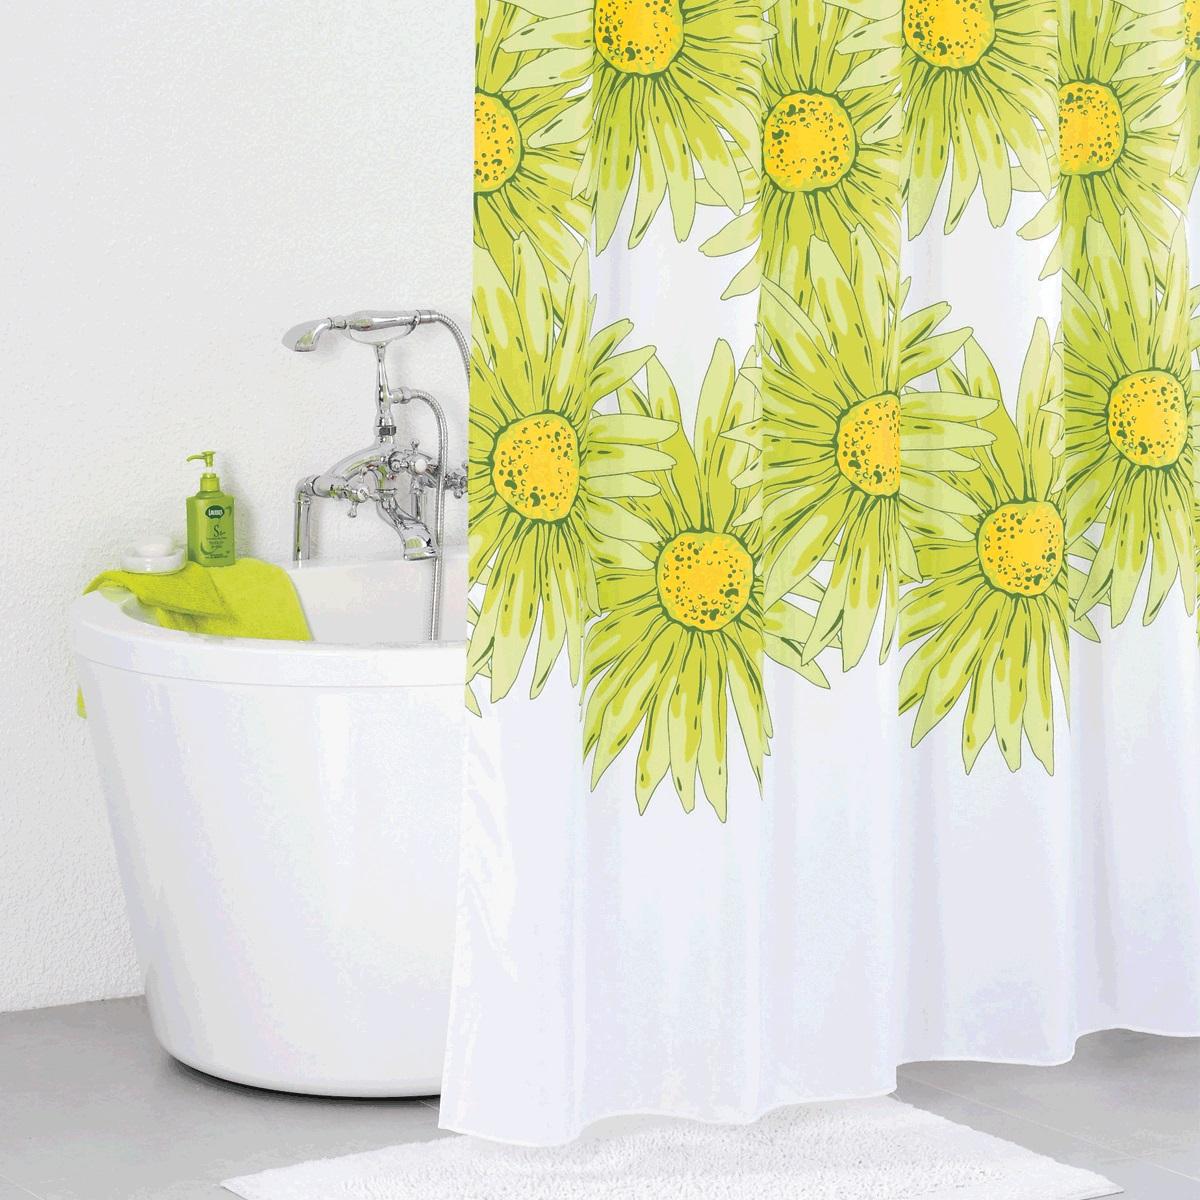 Штора для ванной Iddis Green Blossom, цвет: белый, зеленый, 200 x 200 см